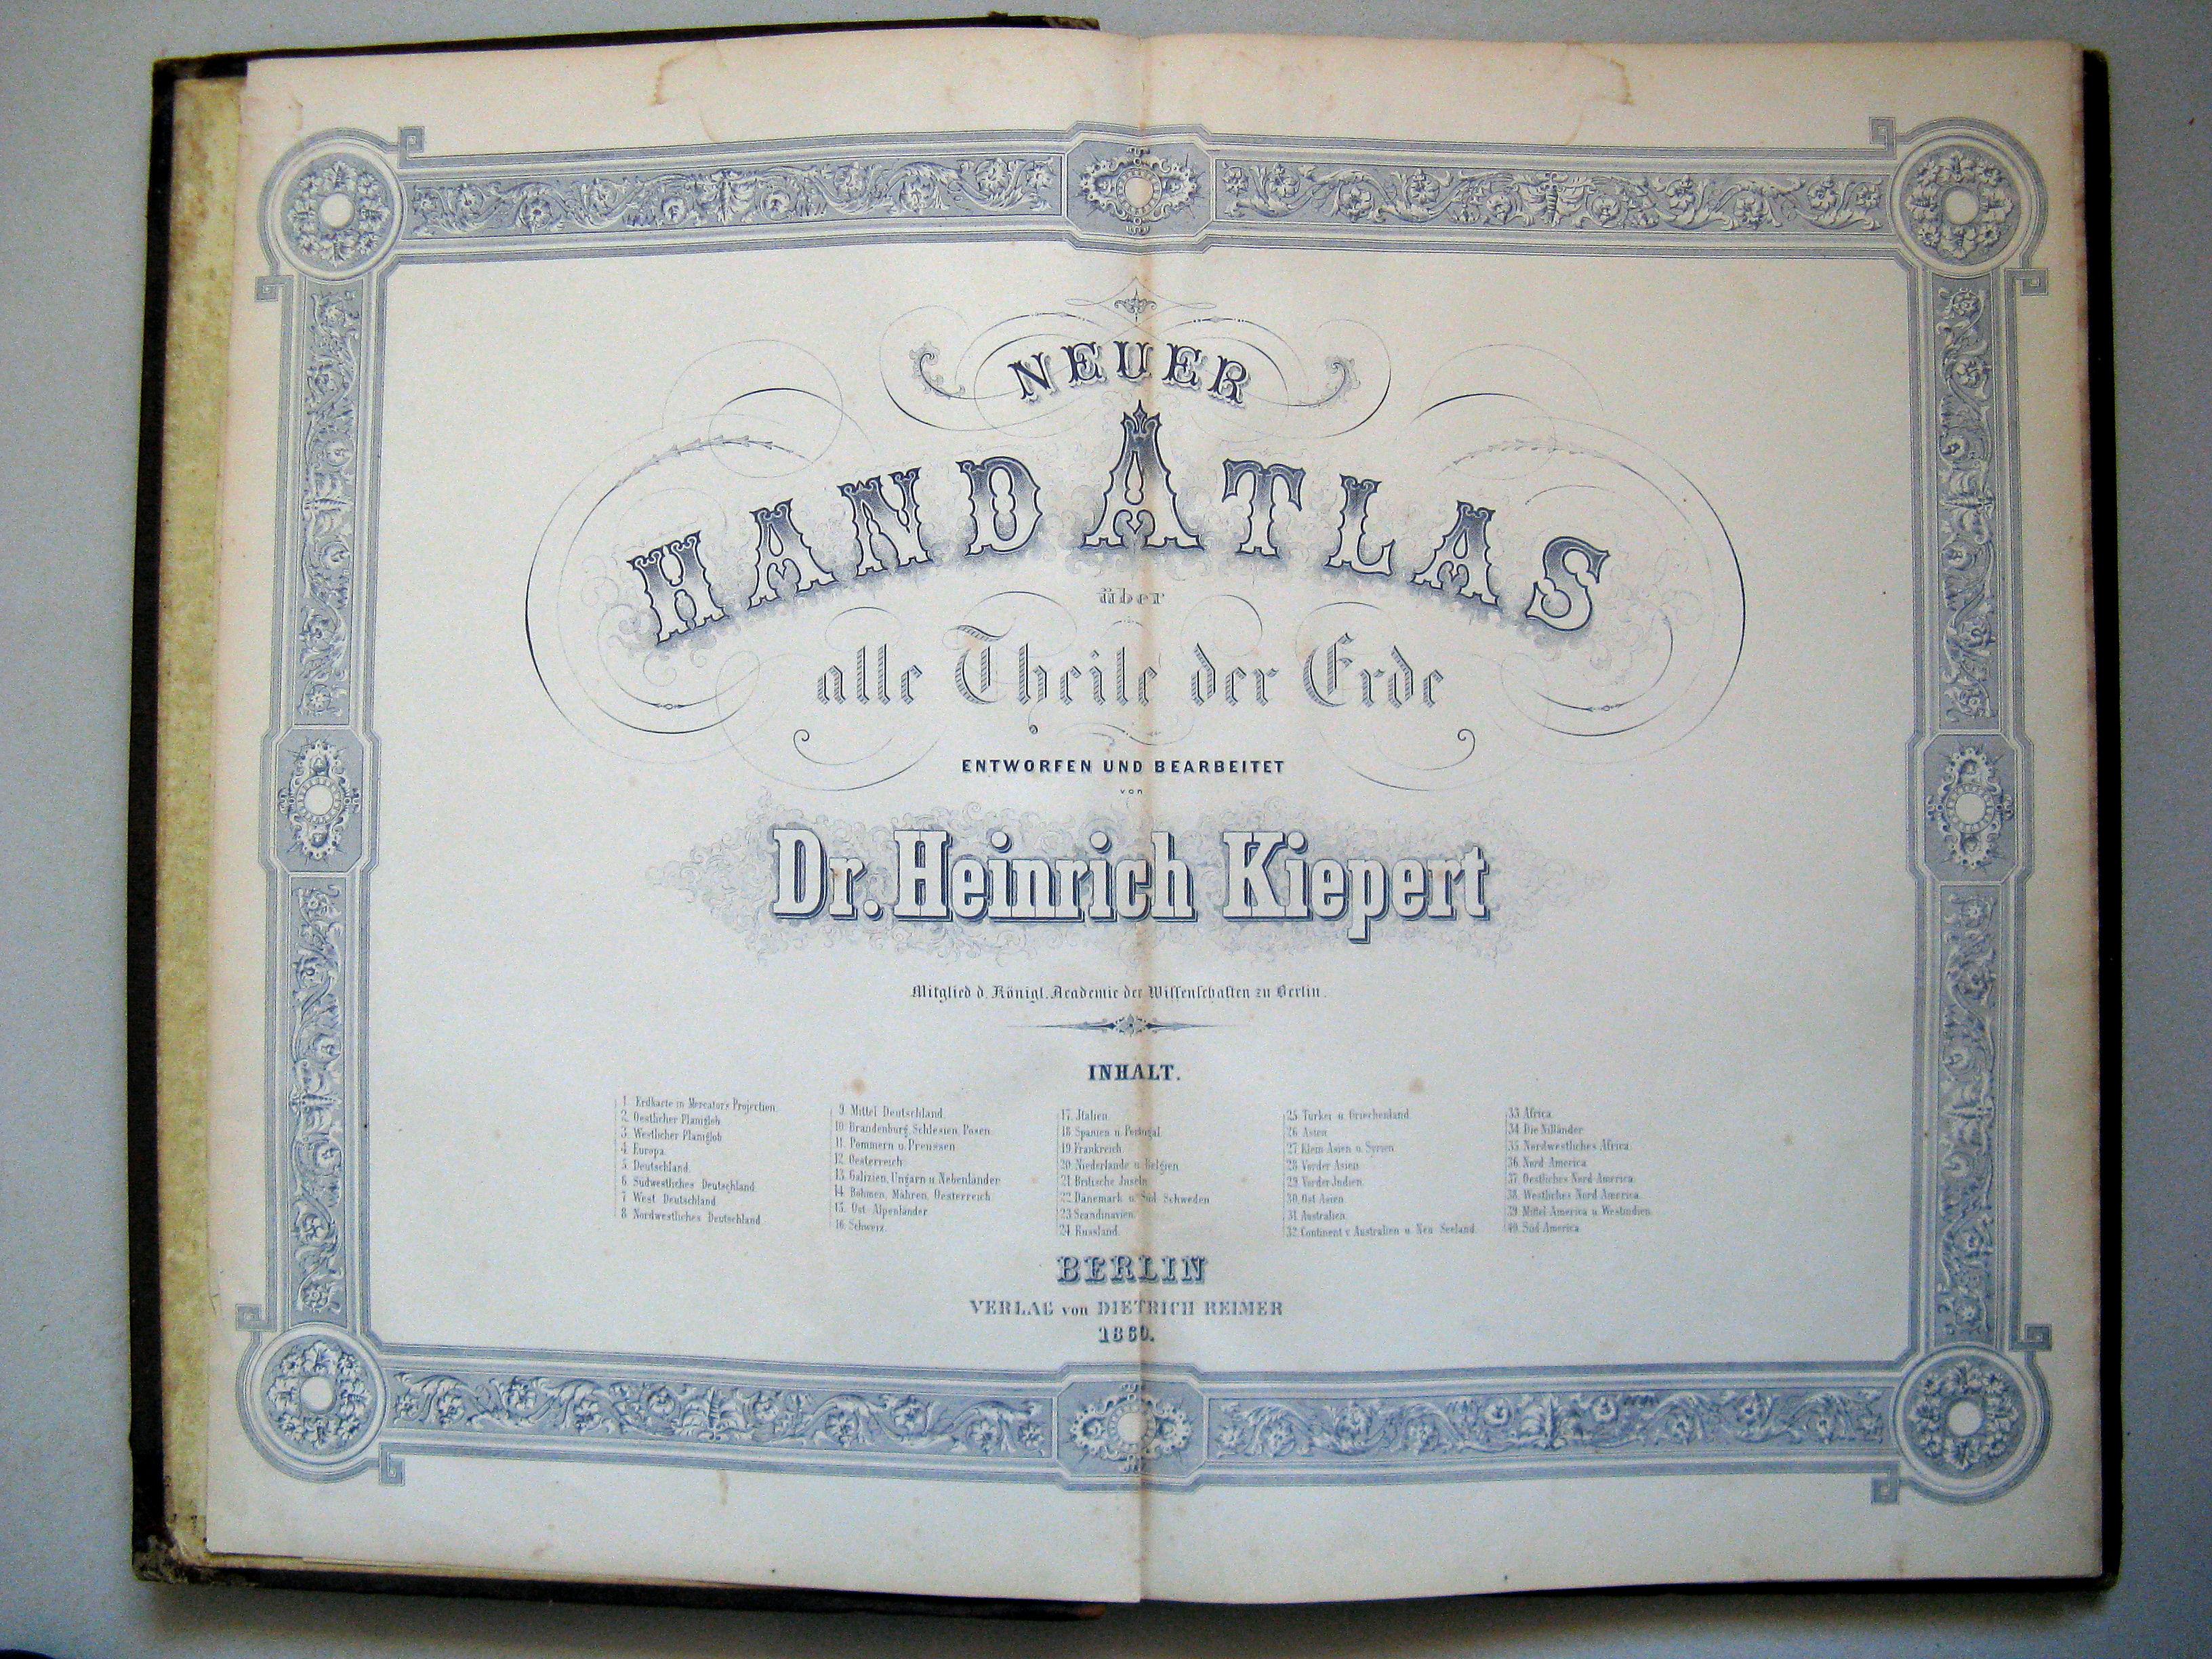 http://www.atlassen.info/atlassen/reimer/kieha01/picslarge/kieha1860a301.jpg